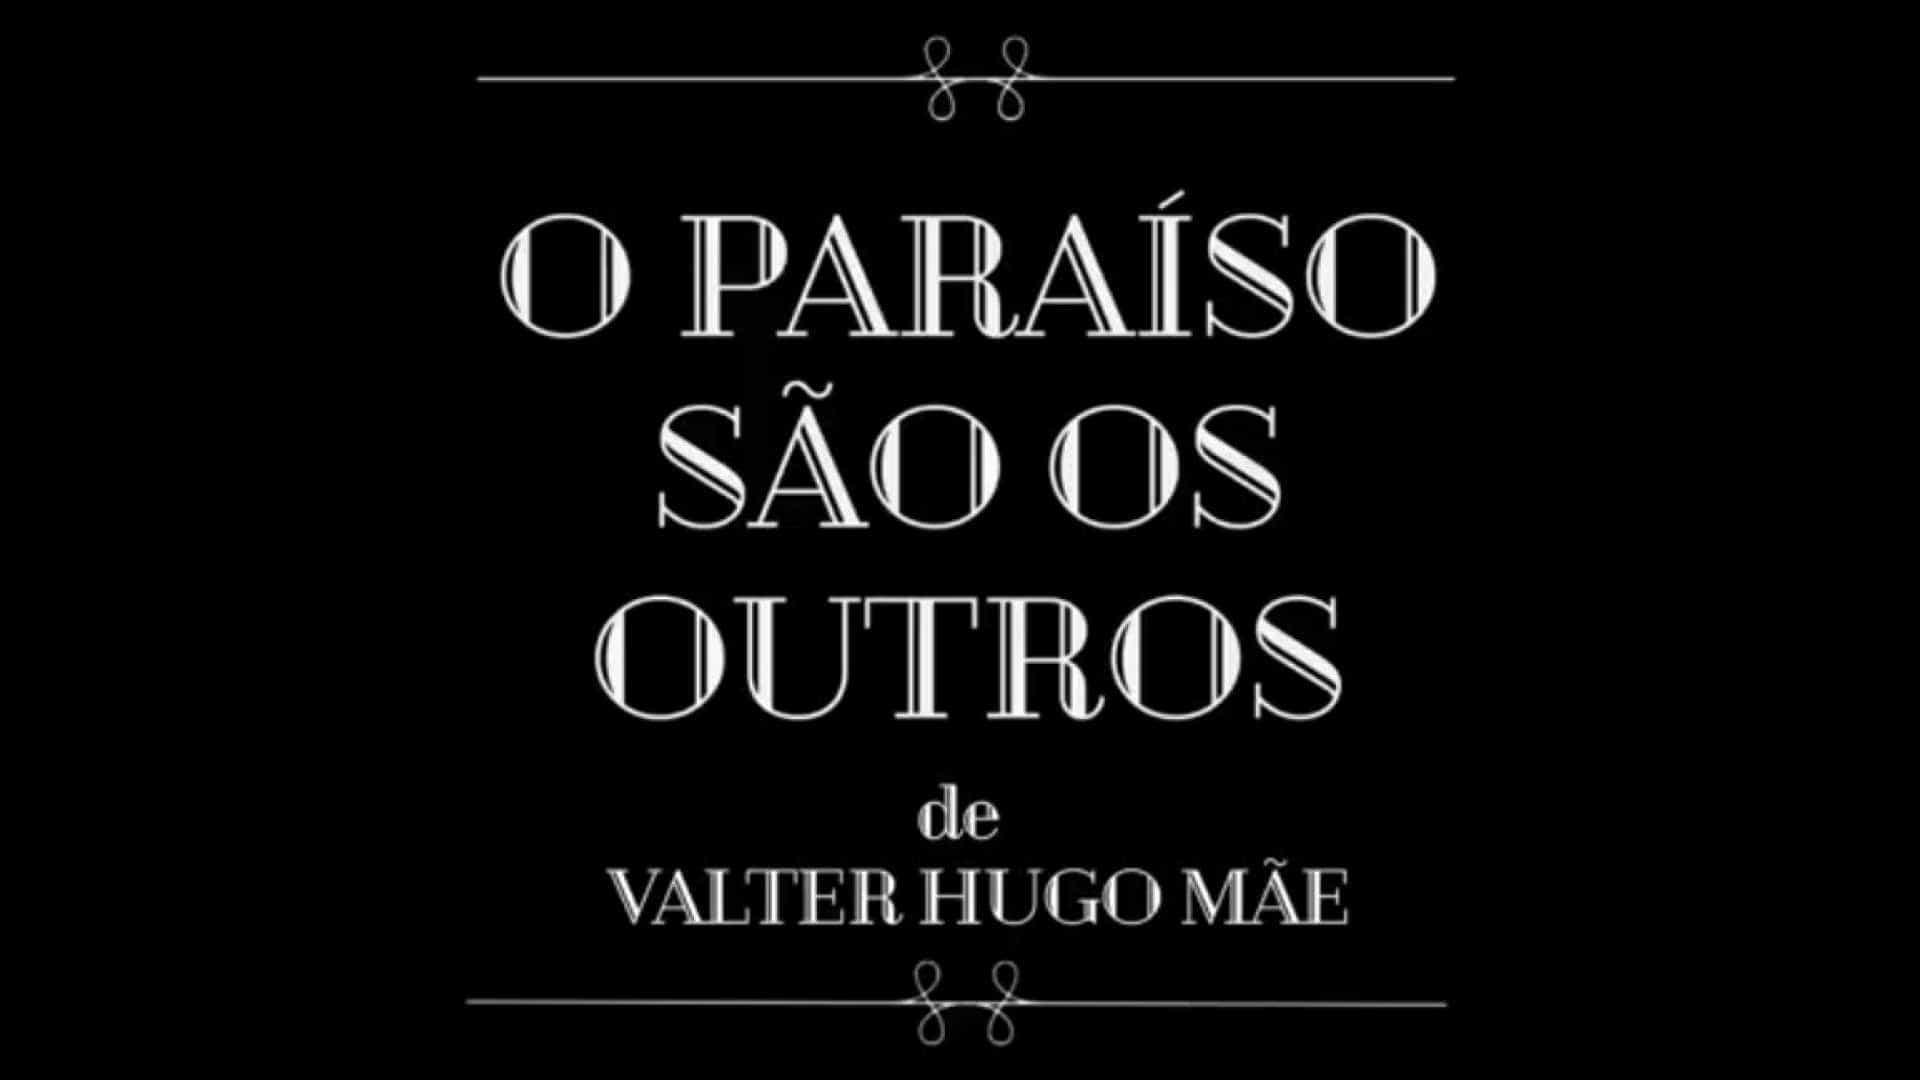 Sotaques da Língua Portuguesa